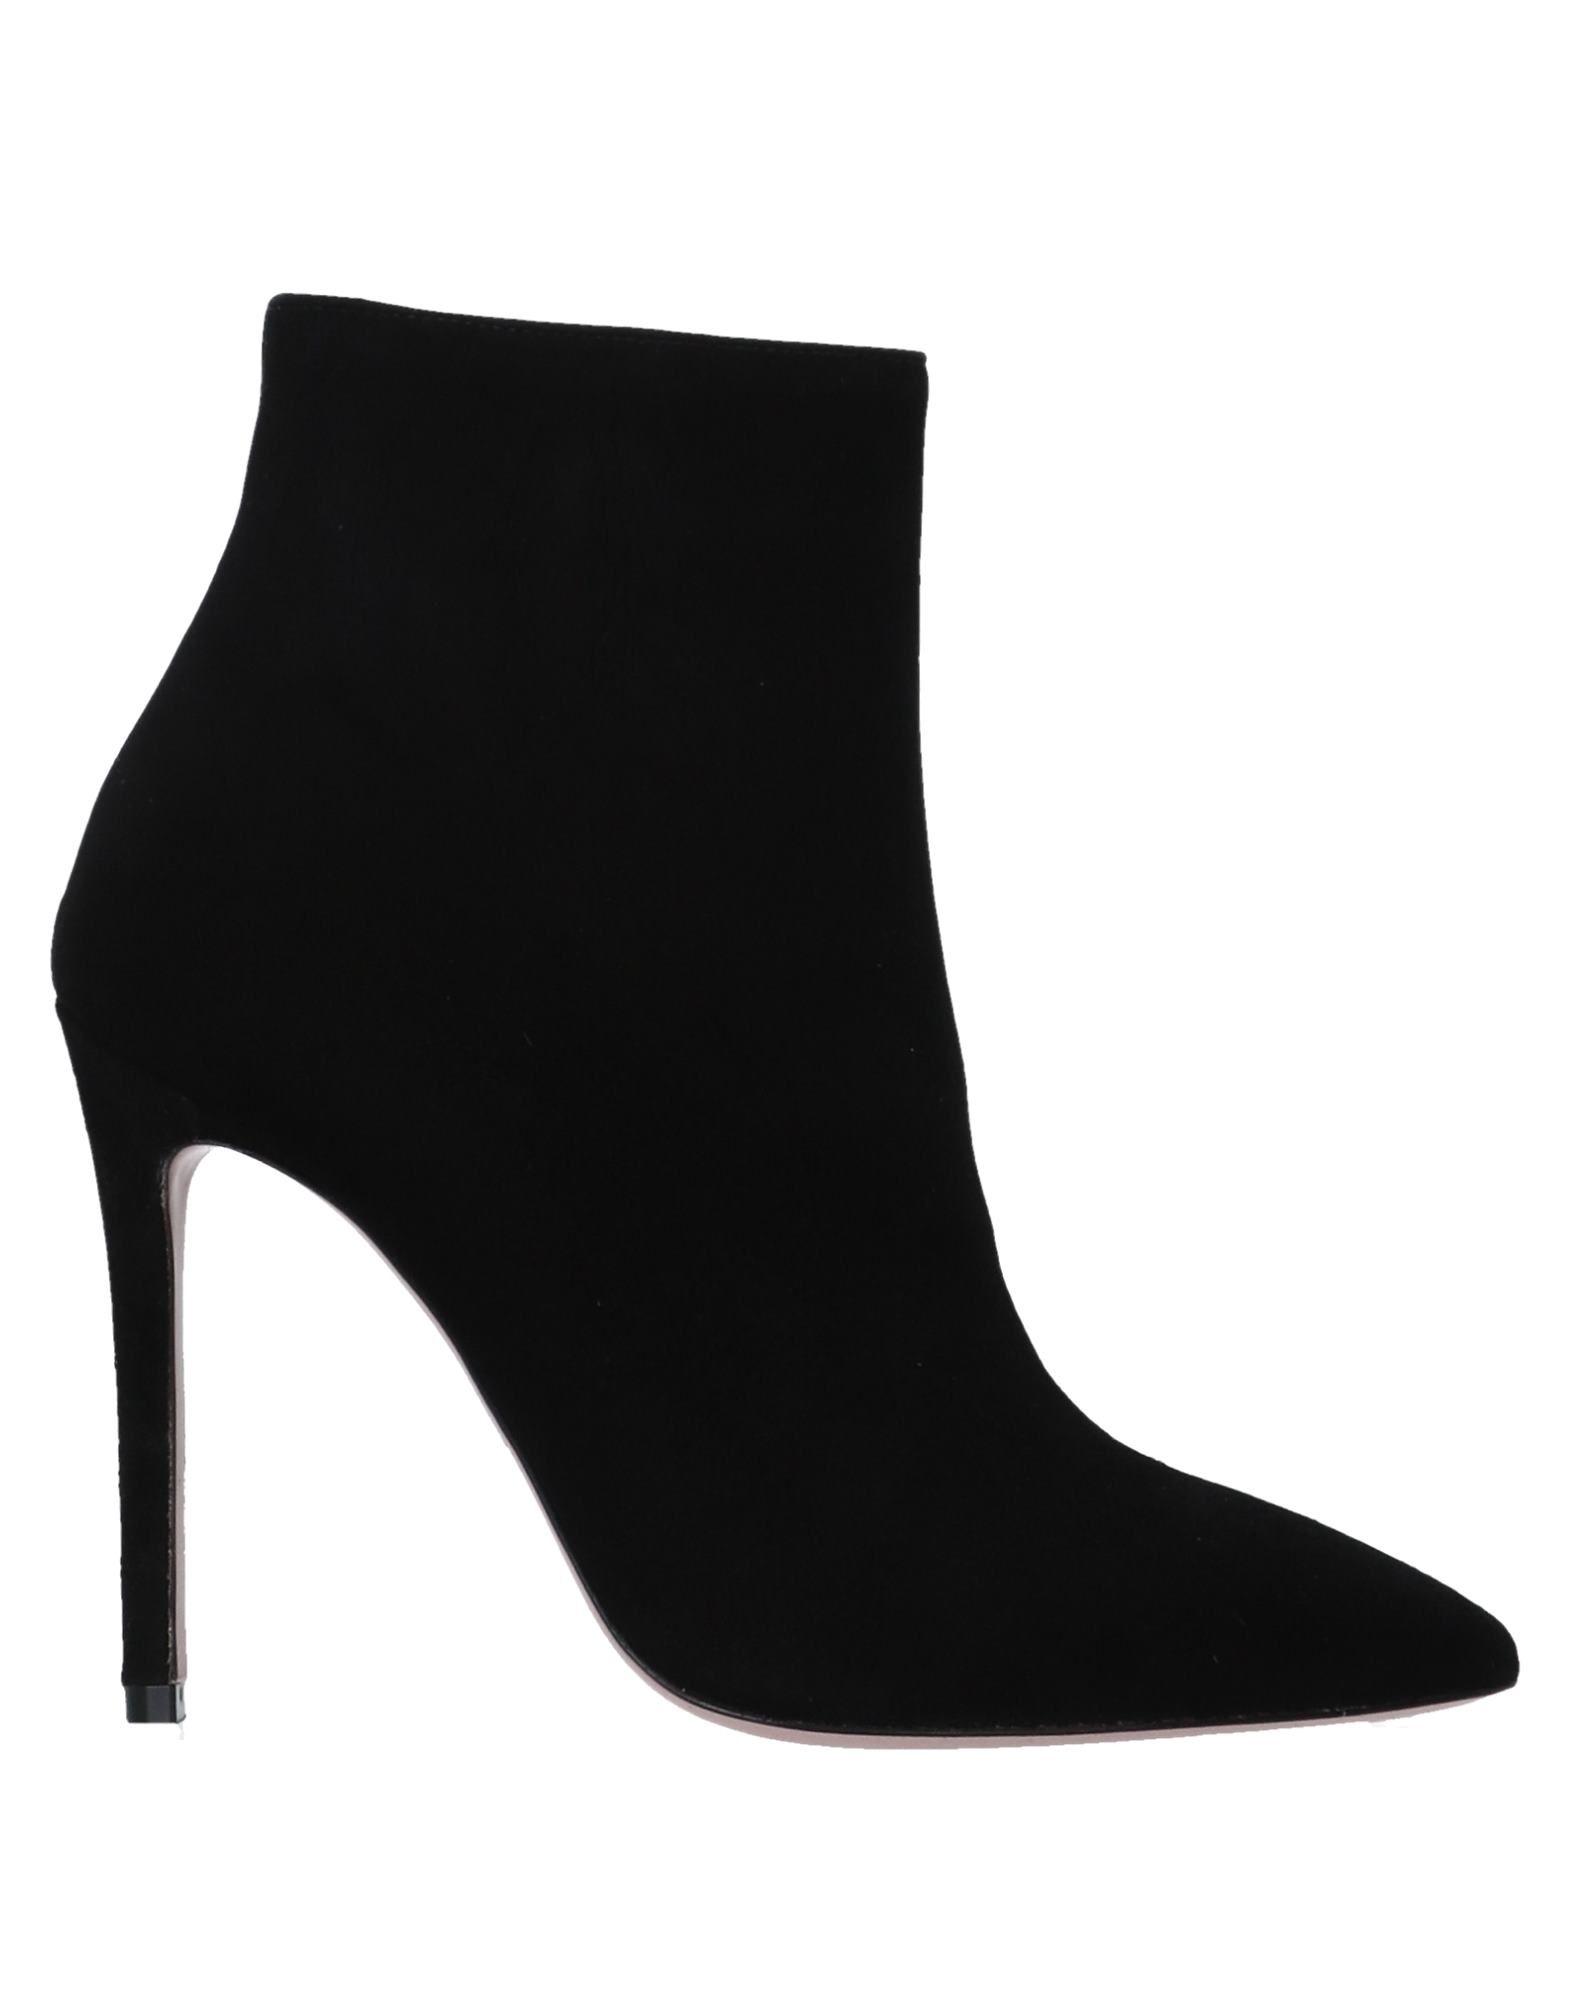 Eglantine Stiefelette Damen  11519303BX Gute Qualität beliebte Schuhe